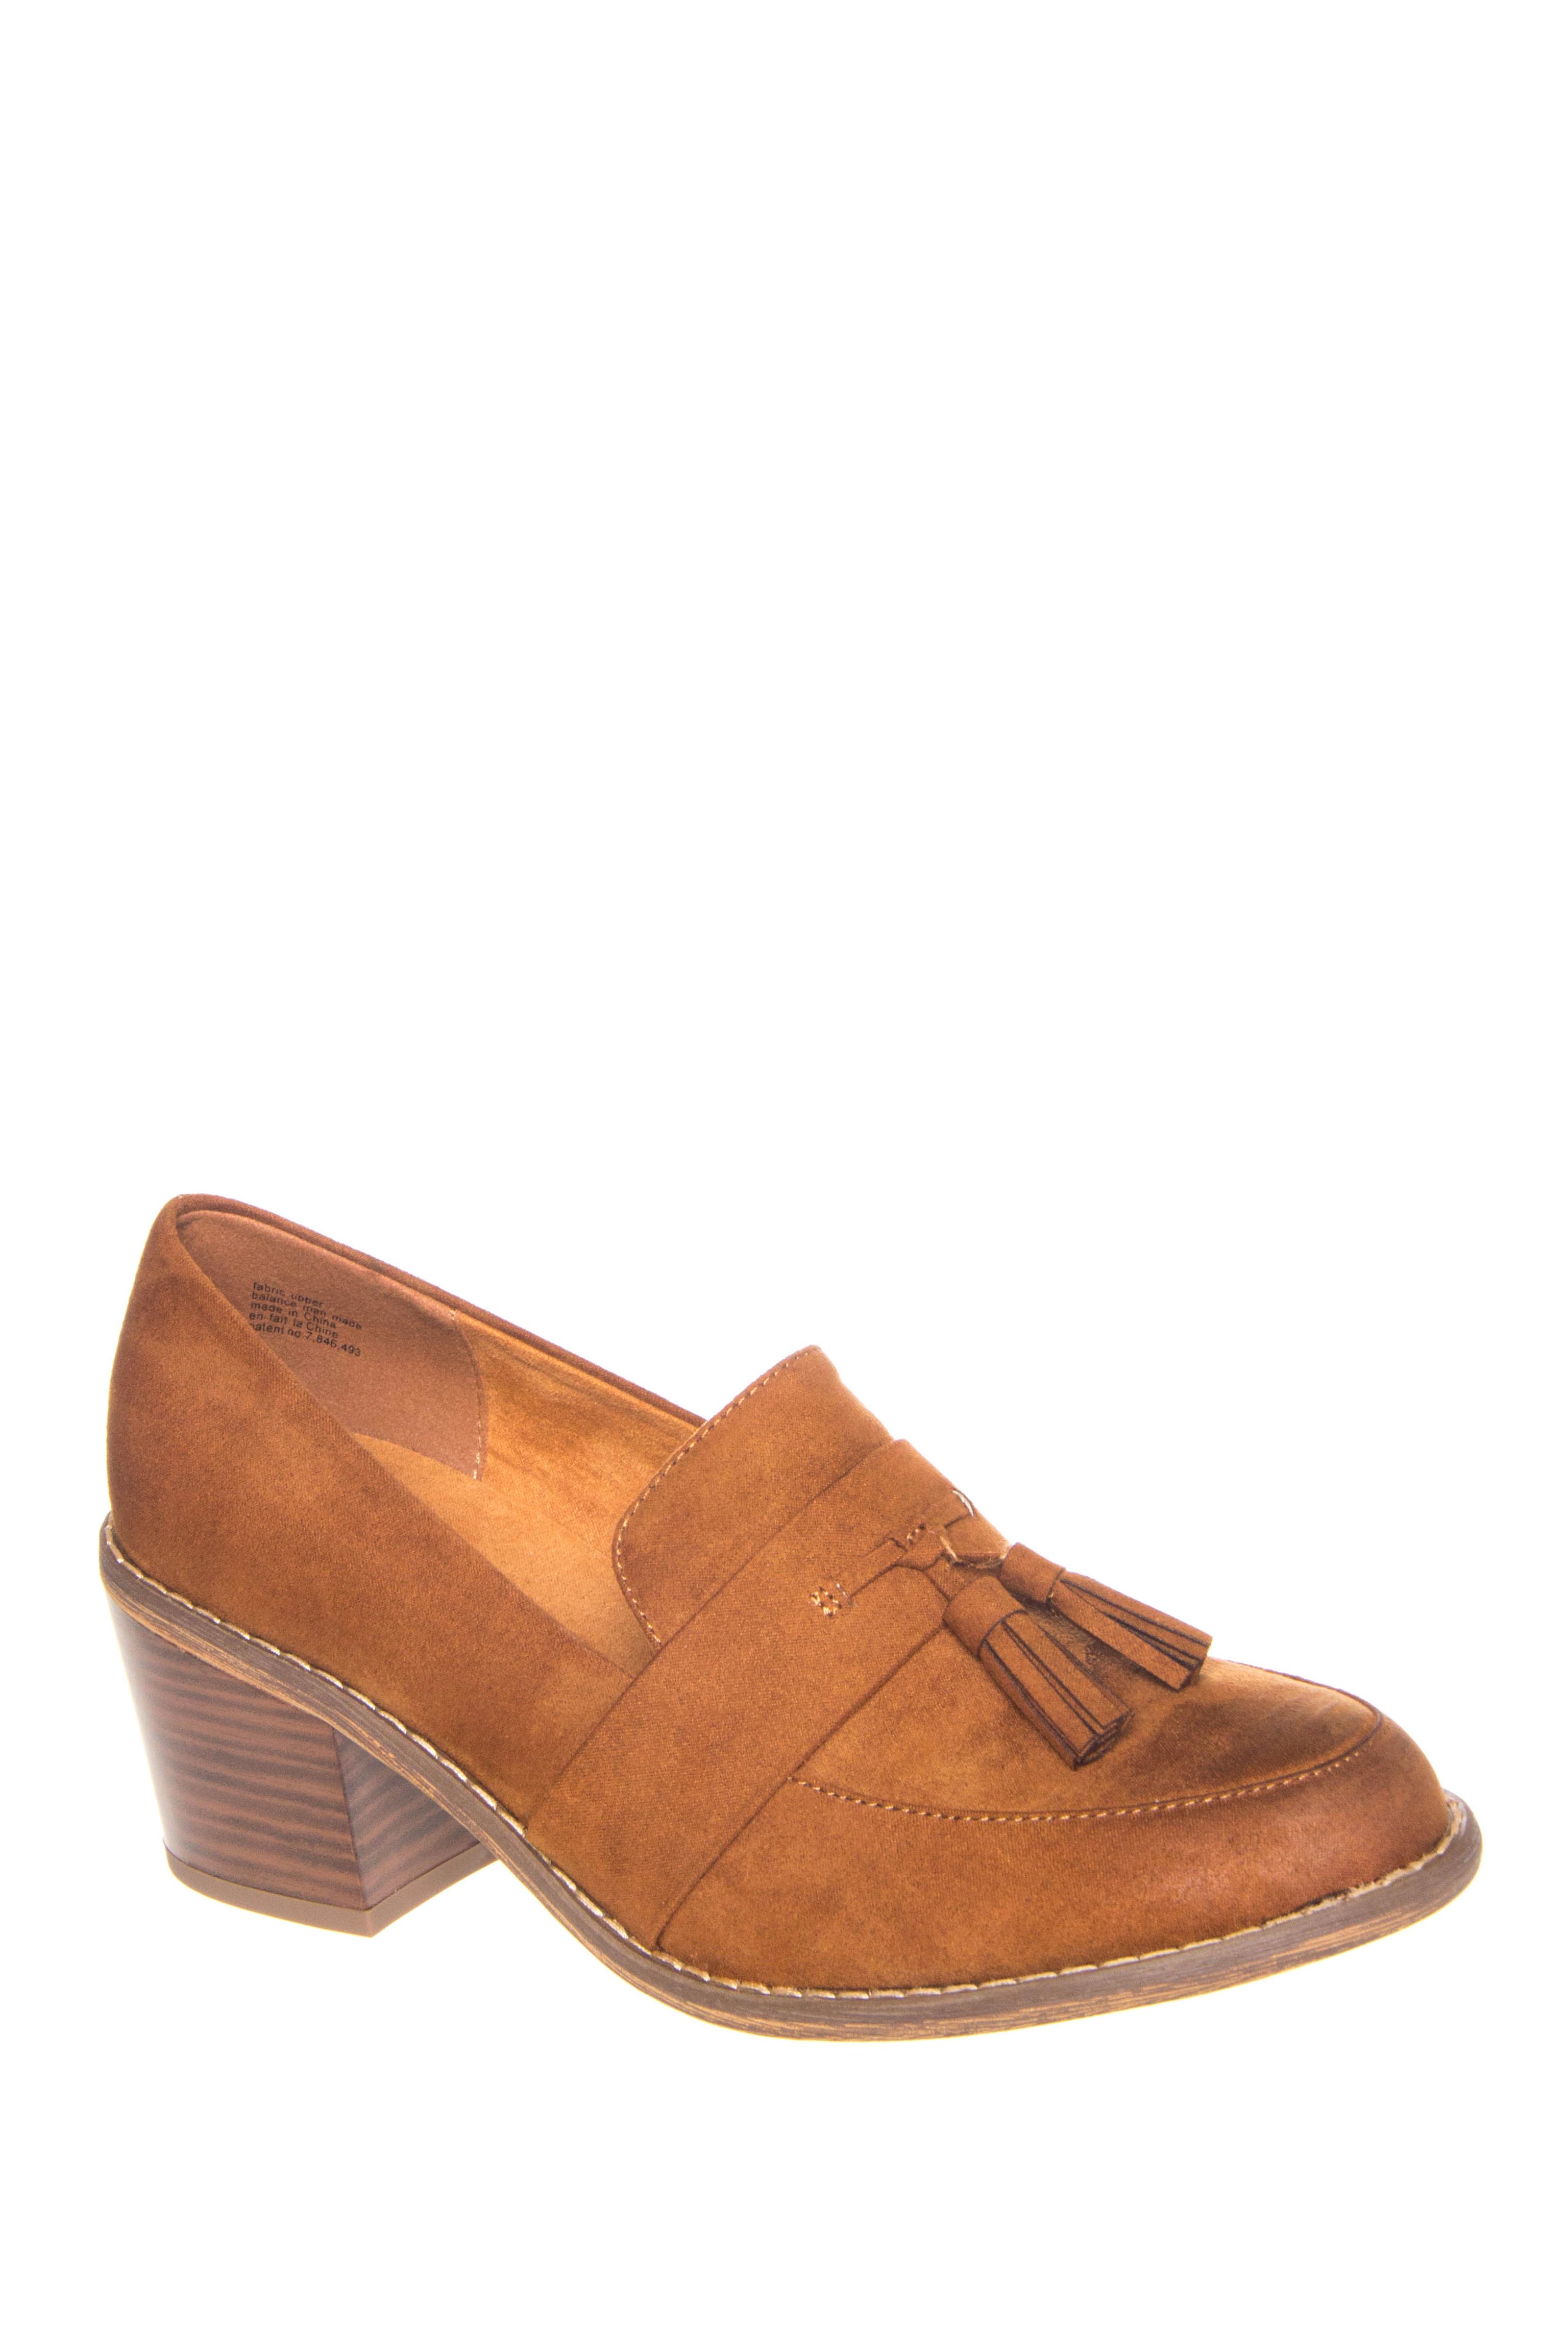 BC Footwear Radiate Mid Heel Loafers - Whiskey Brown